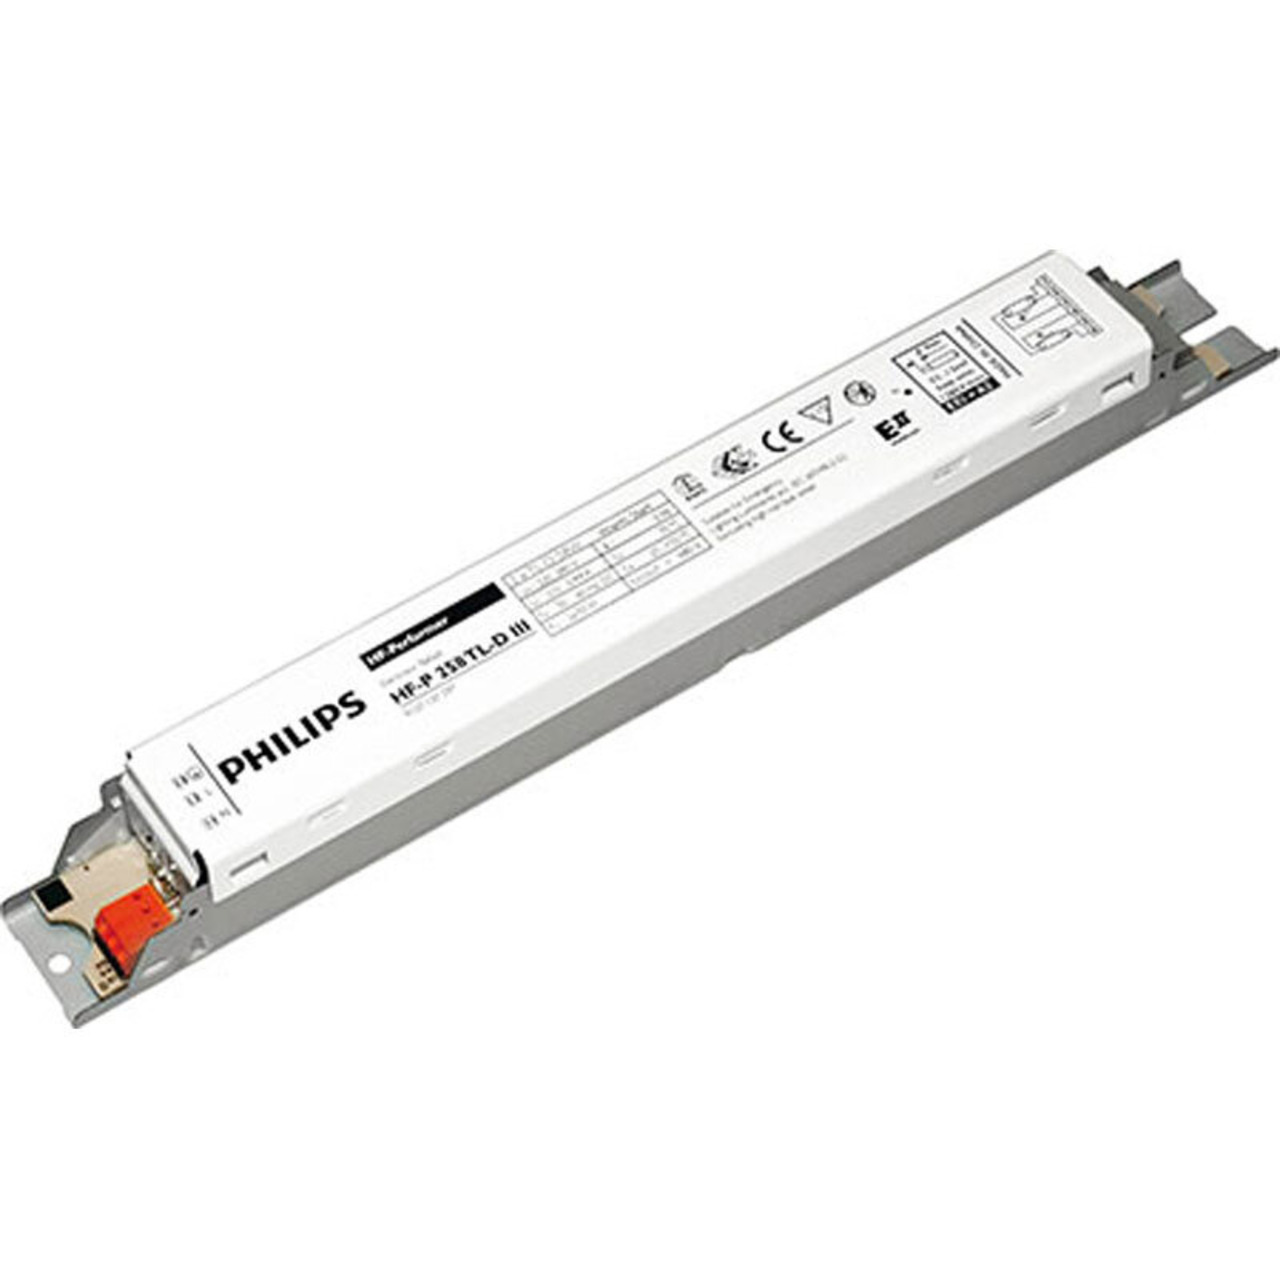 Philips Elektronisches Vorschaltgerät HF-P 158 TL-D- nicht dimmbar- 1x 58 W